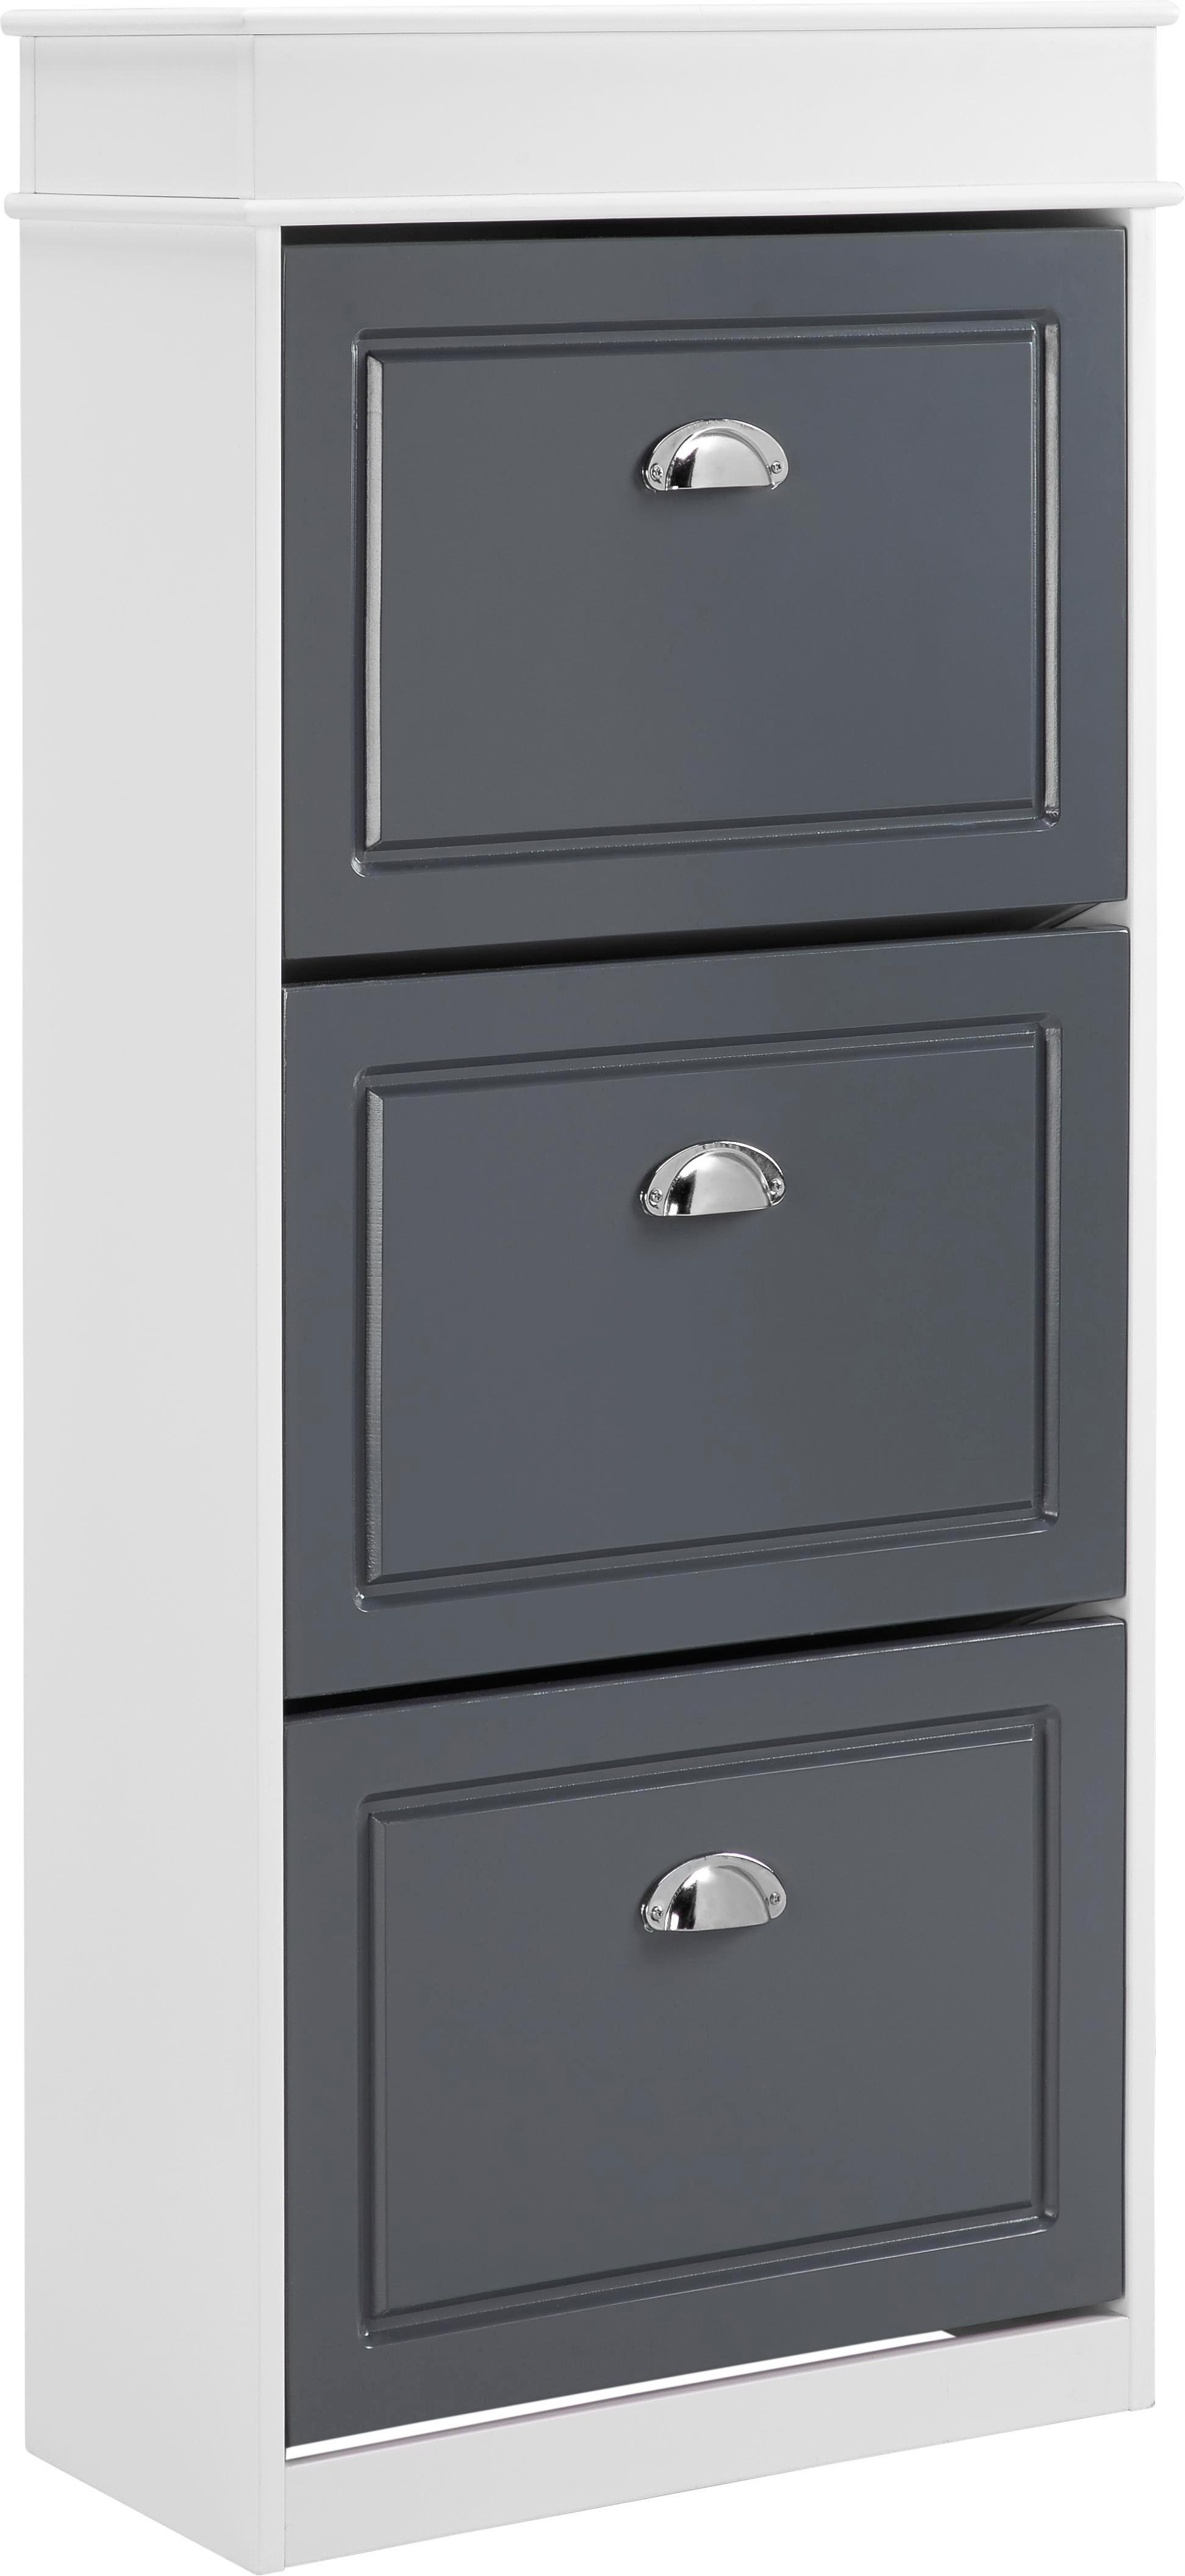 Garderobenschrank mit bank for Garderobenmobel mit sitzbank